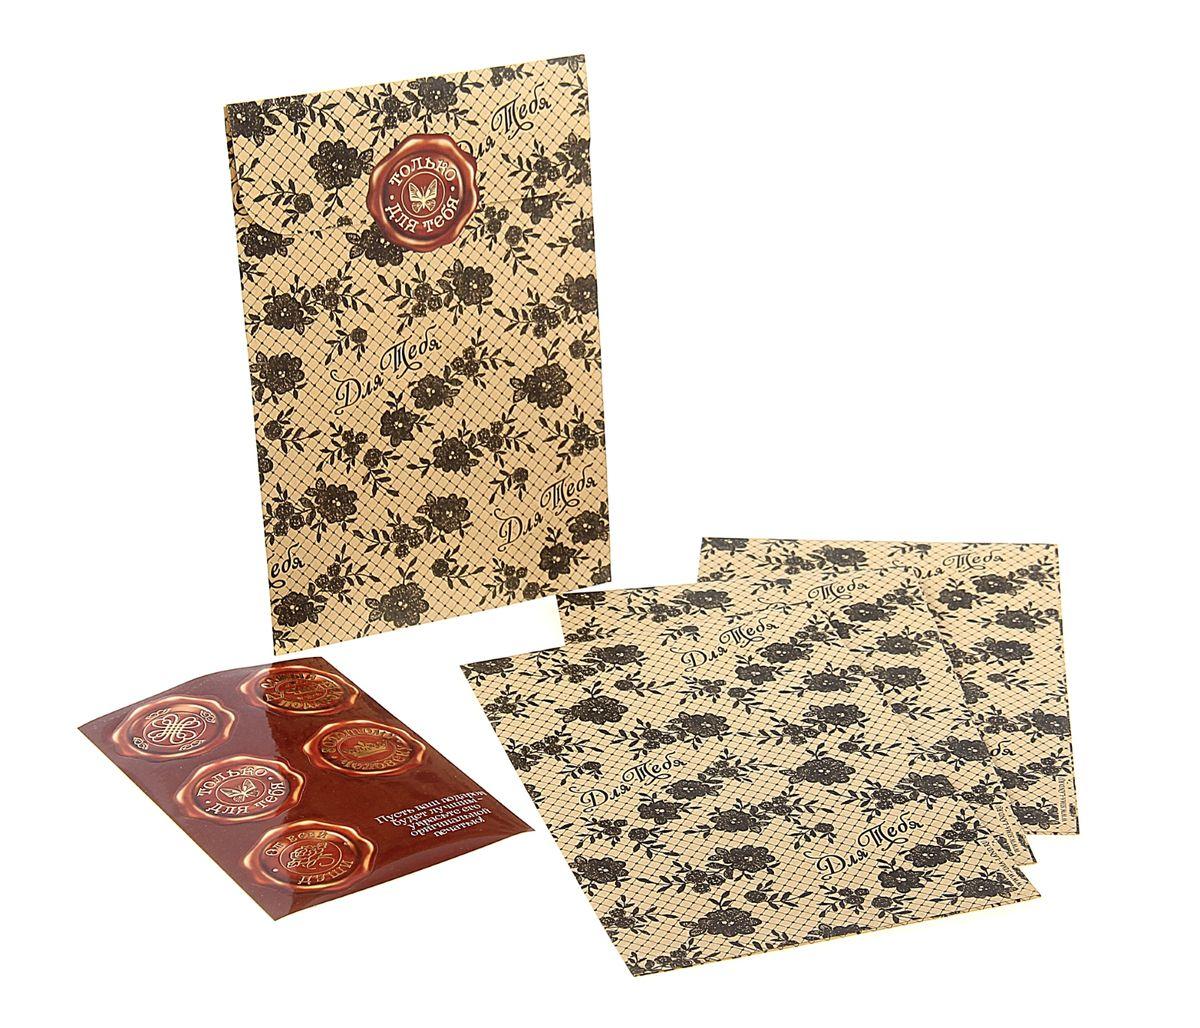 Набор подарочных крафт-конвертов Sima-land Для тебя, 21 см х 14 см, 10 шт152362Набор Sima-land Для тебя включает 10 подарочных конвертов, изготовленных из крафт-бумаги с красивым цветочным орнаментом. Такой конверт прекрасно подойдет для поздравительной открытки, любовного послания, денежного подарка. Внимание к упаковке подарка позволит ему стать памятным и запоминающимся, а также вызовет море положительных эмоций у получателя. Конверт скрепляется специальной наклейкой, стилизованной под восковую печать (в комплекте 10 штук).